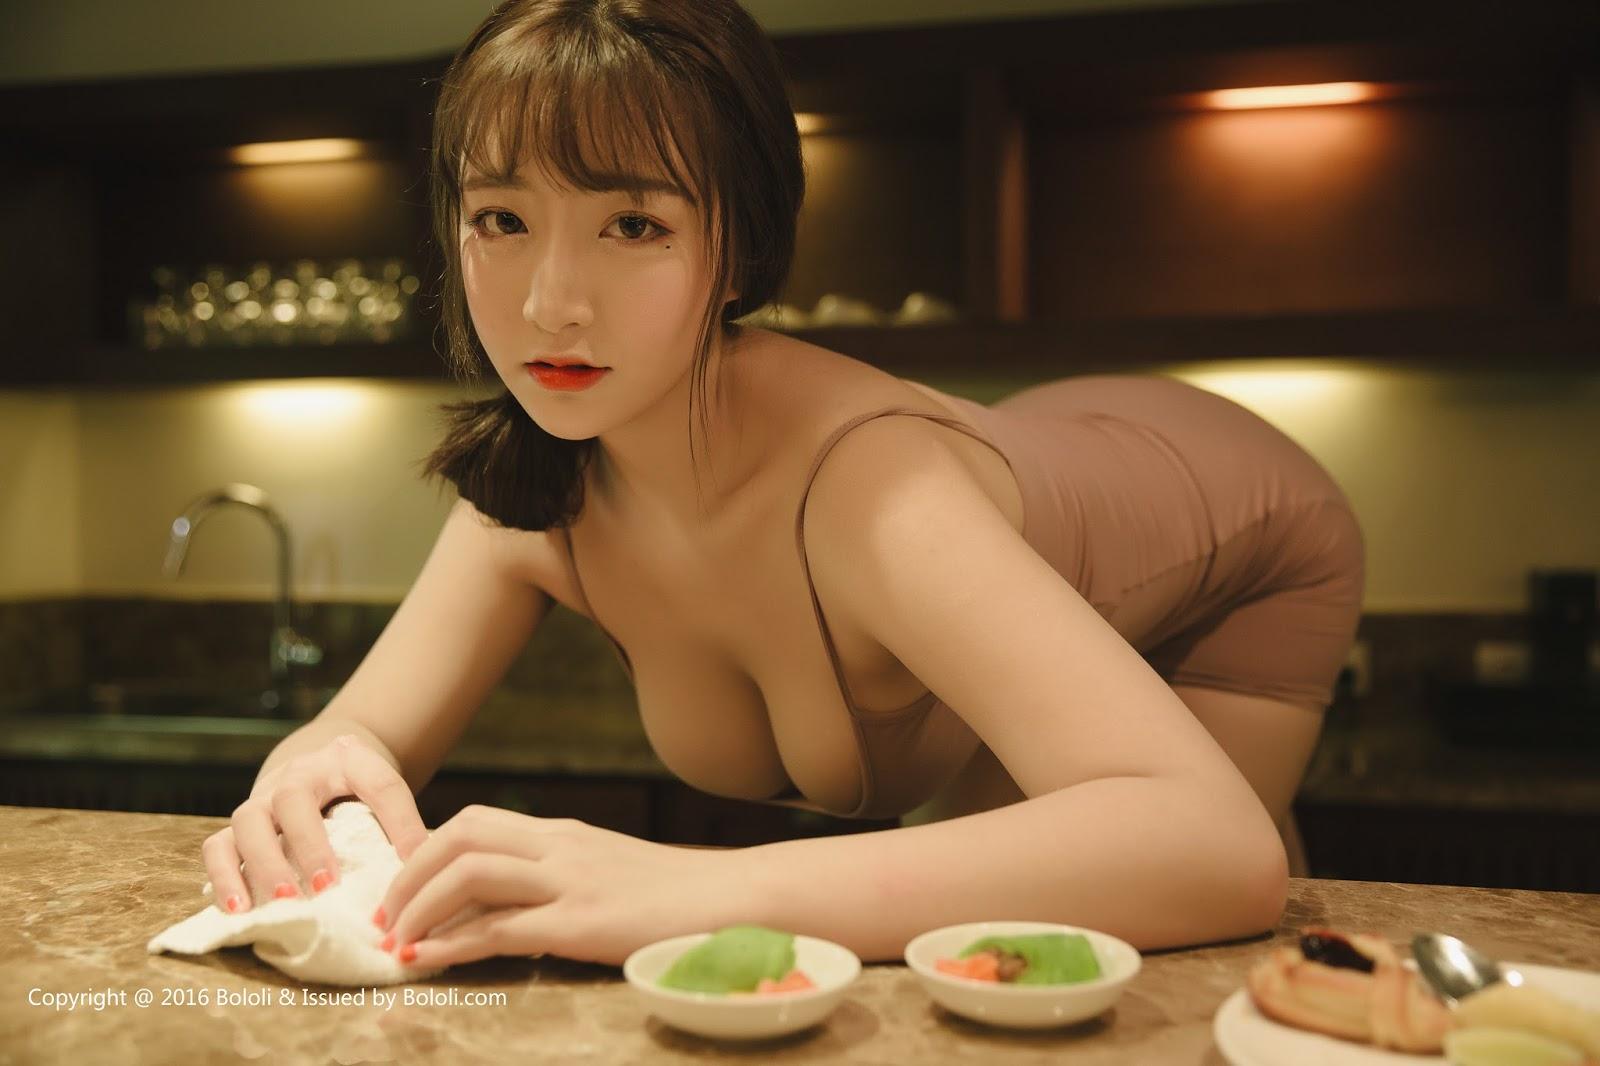 BoLoli 2017-02-14 Vol.022 Mang Guo (40 pics)